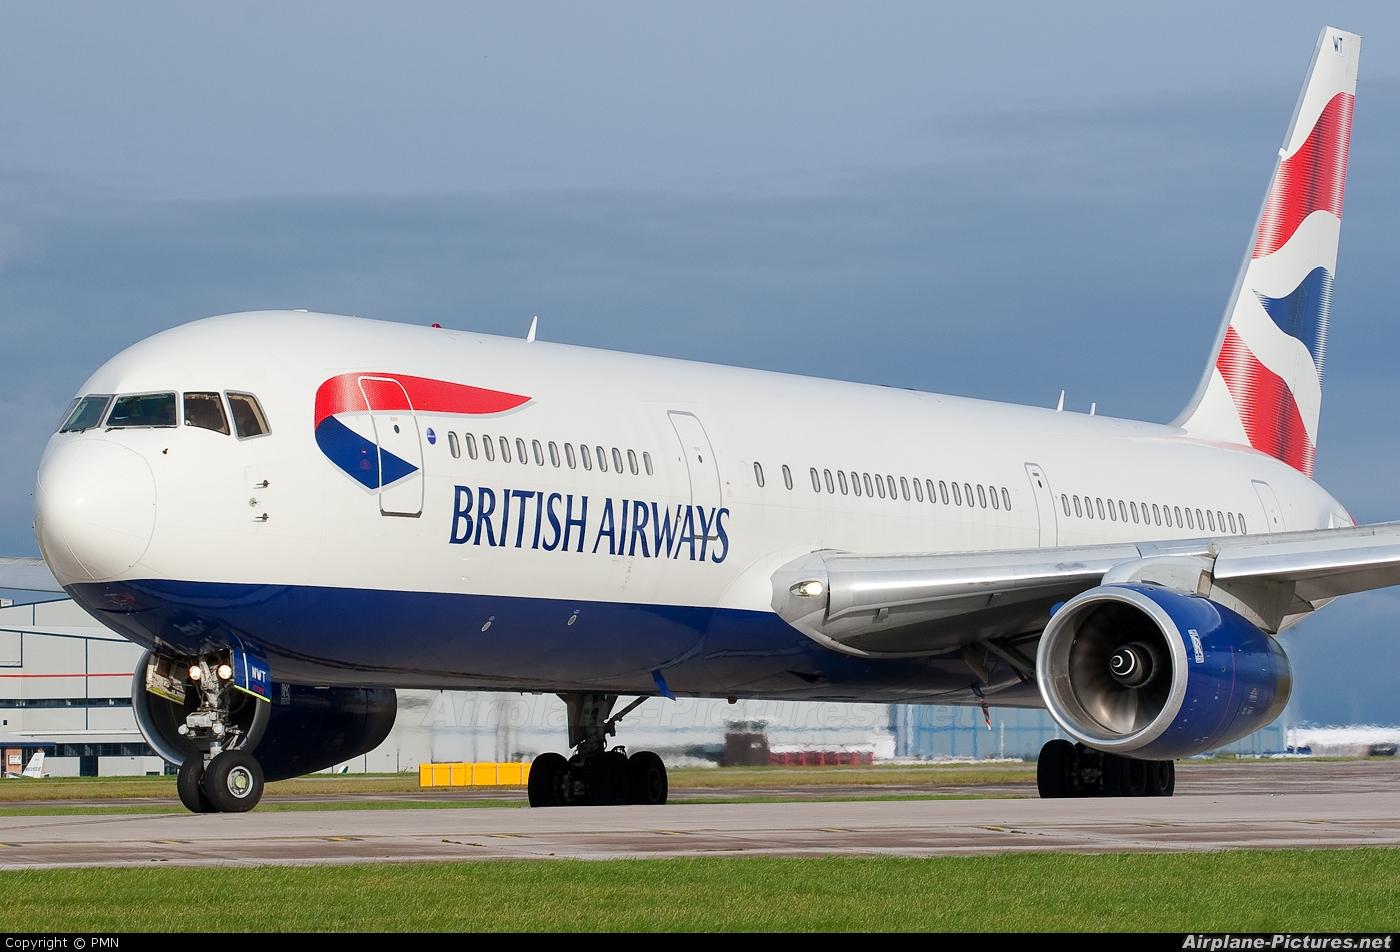 British Airways G-BNWT aircraft at Manchester